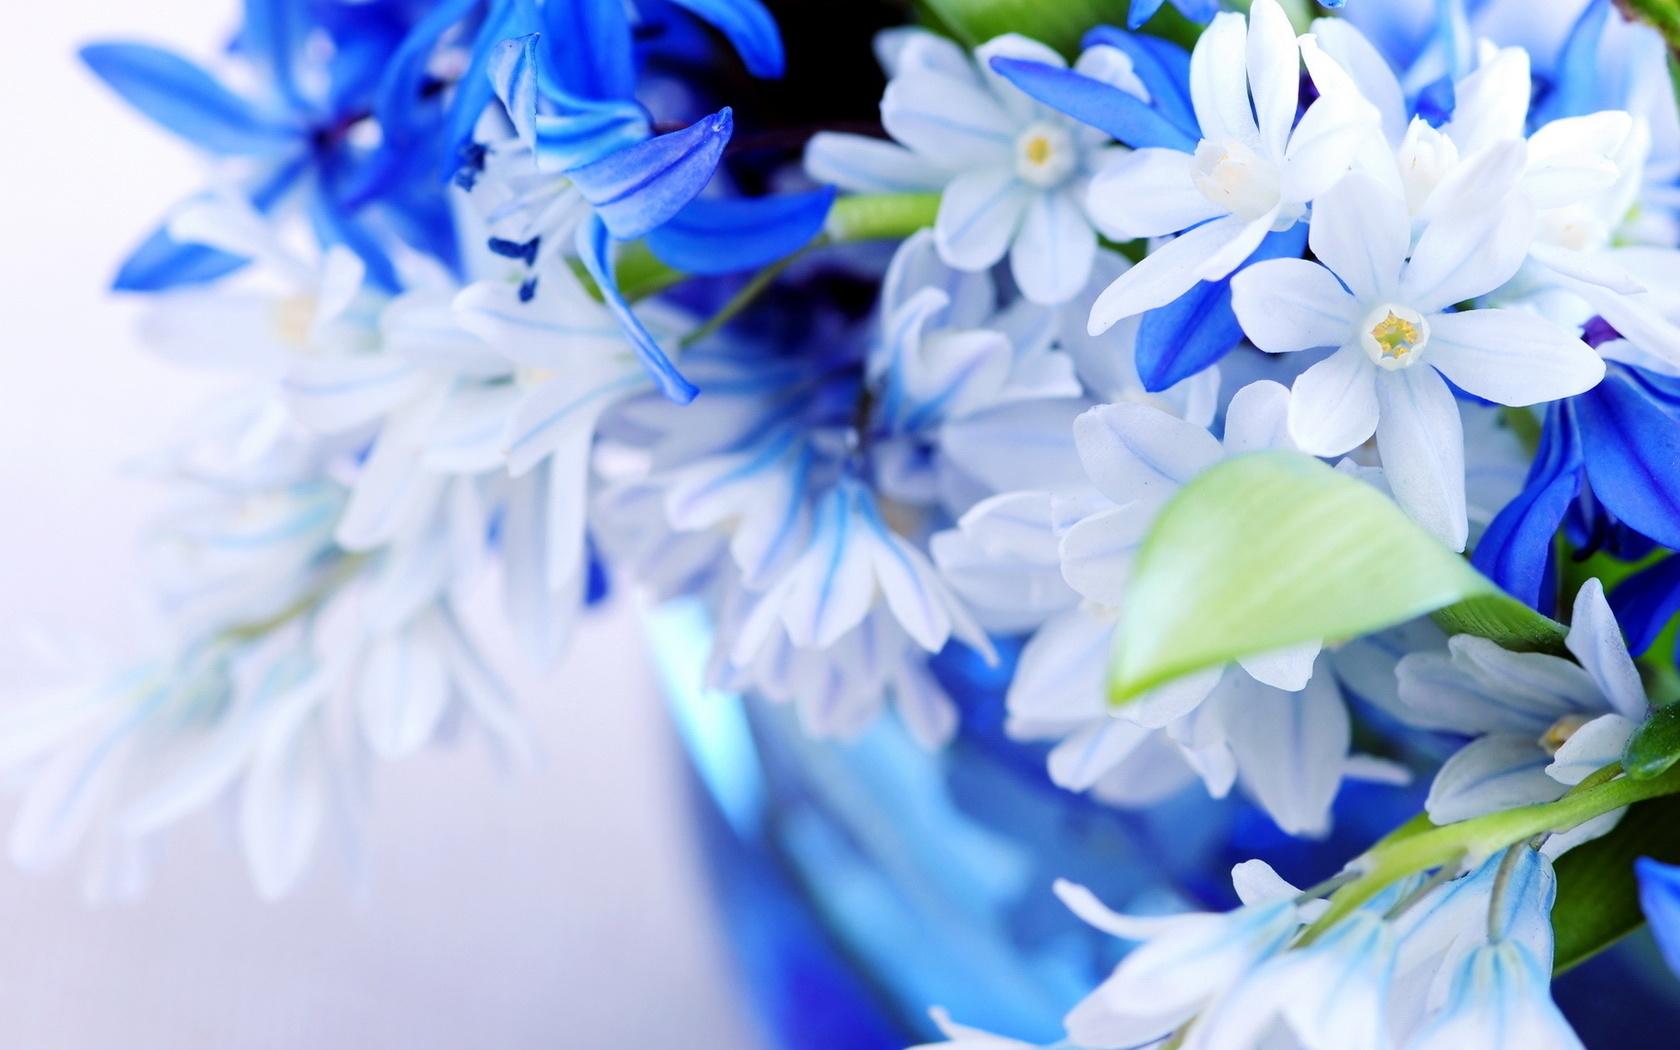 голубые картинки на мой мир людям